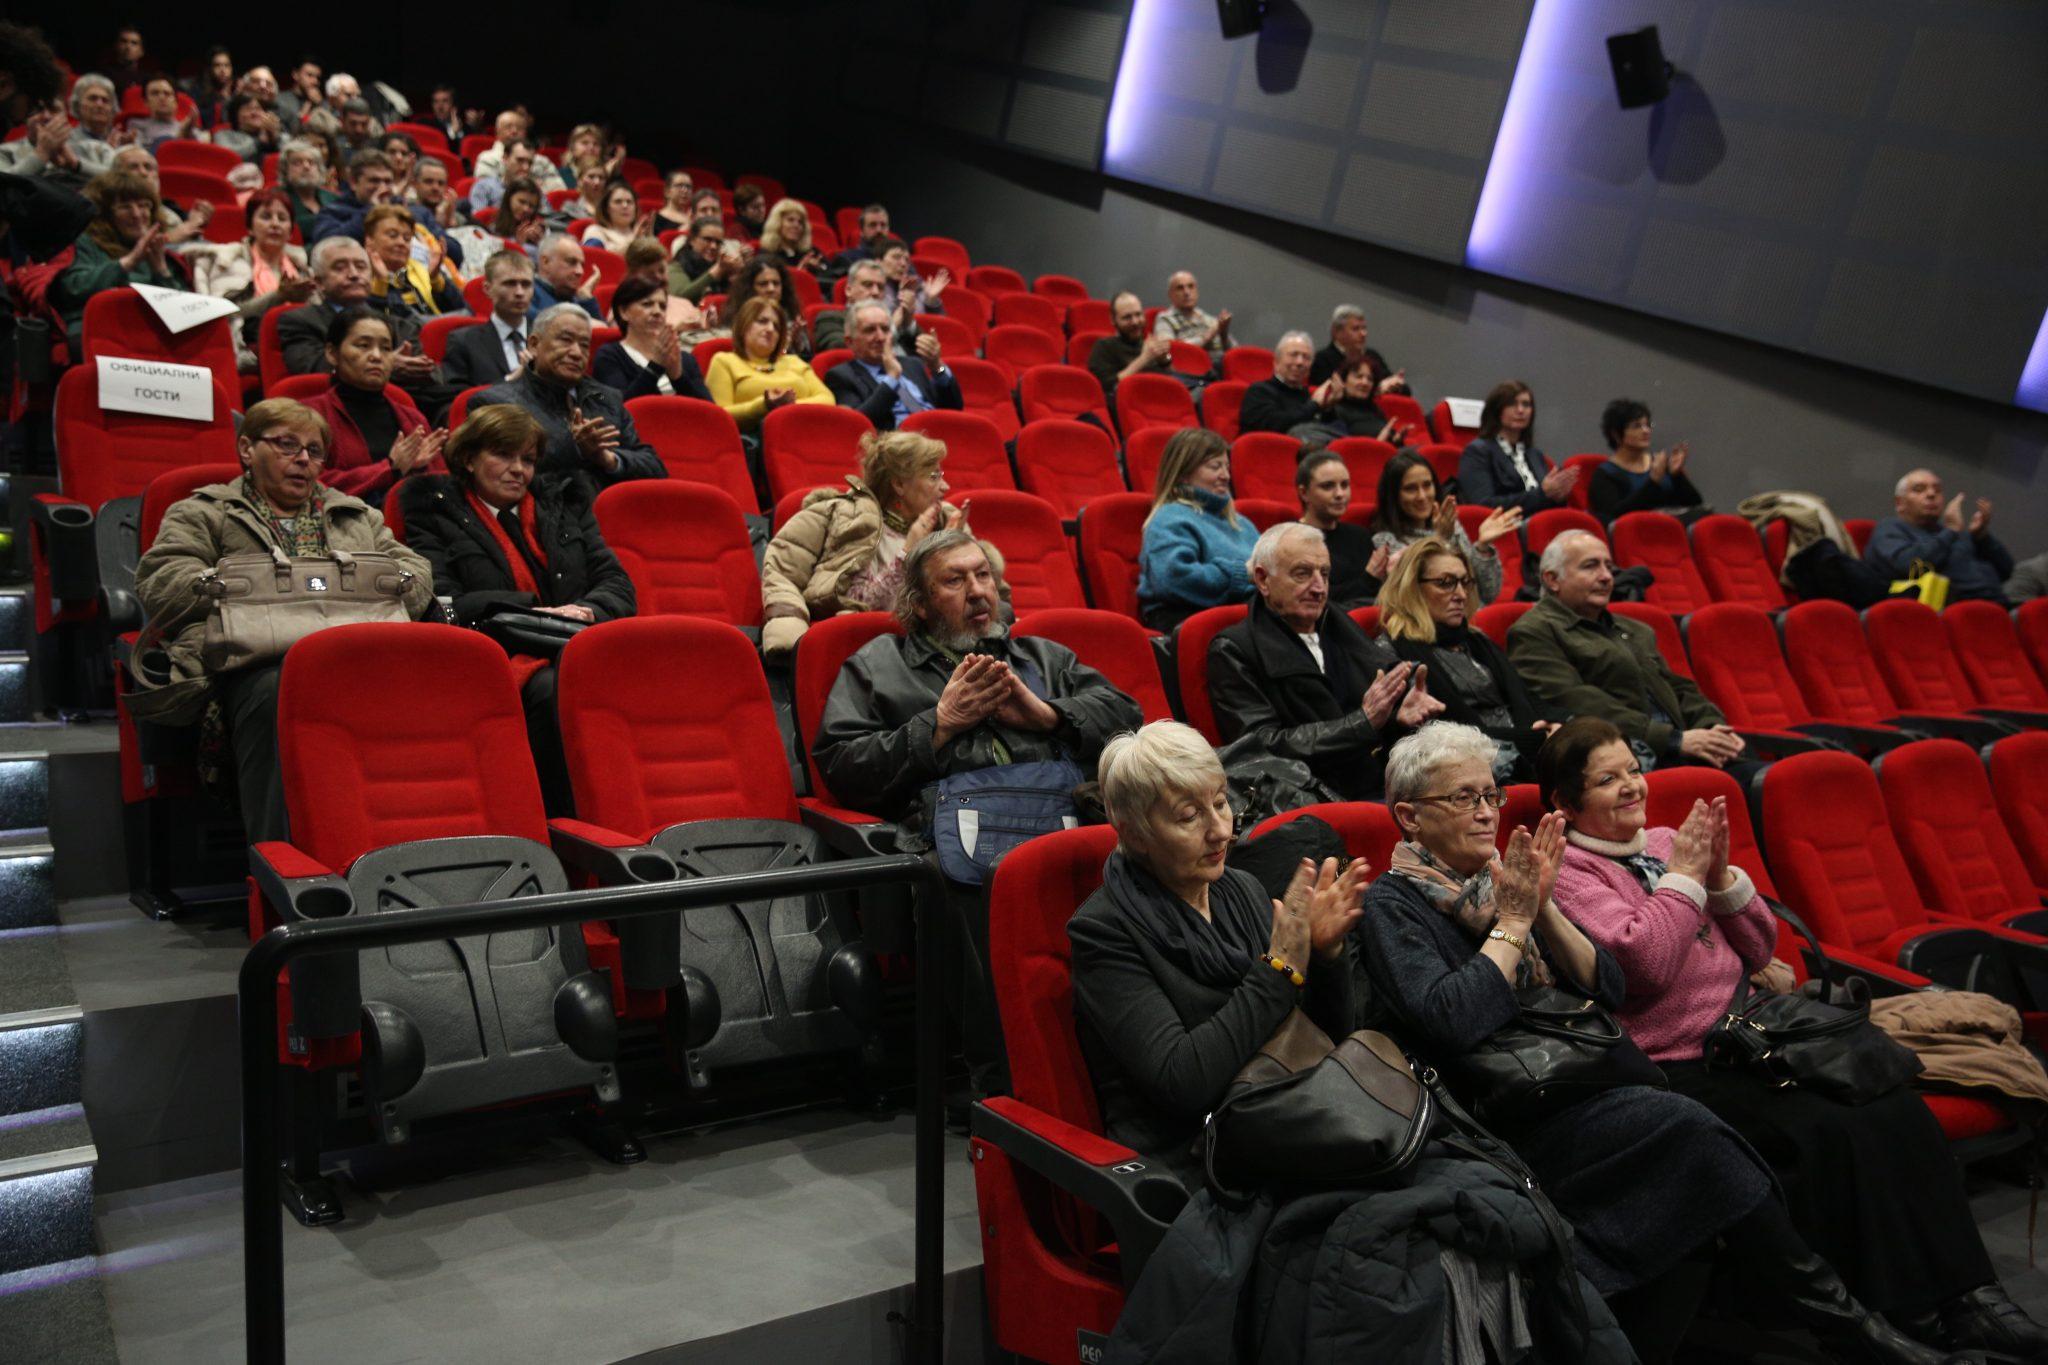 Недела на македонскиот филм во Софија: Новиот сензибилитет на македонската кинематографија